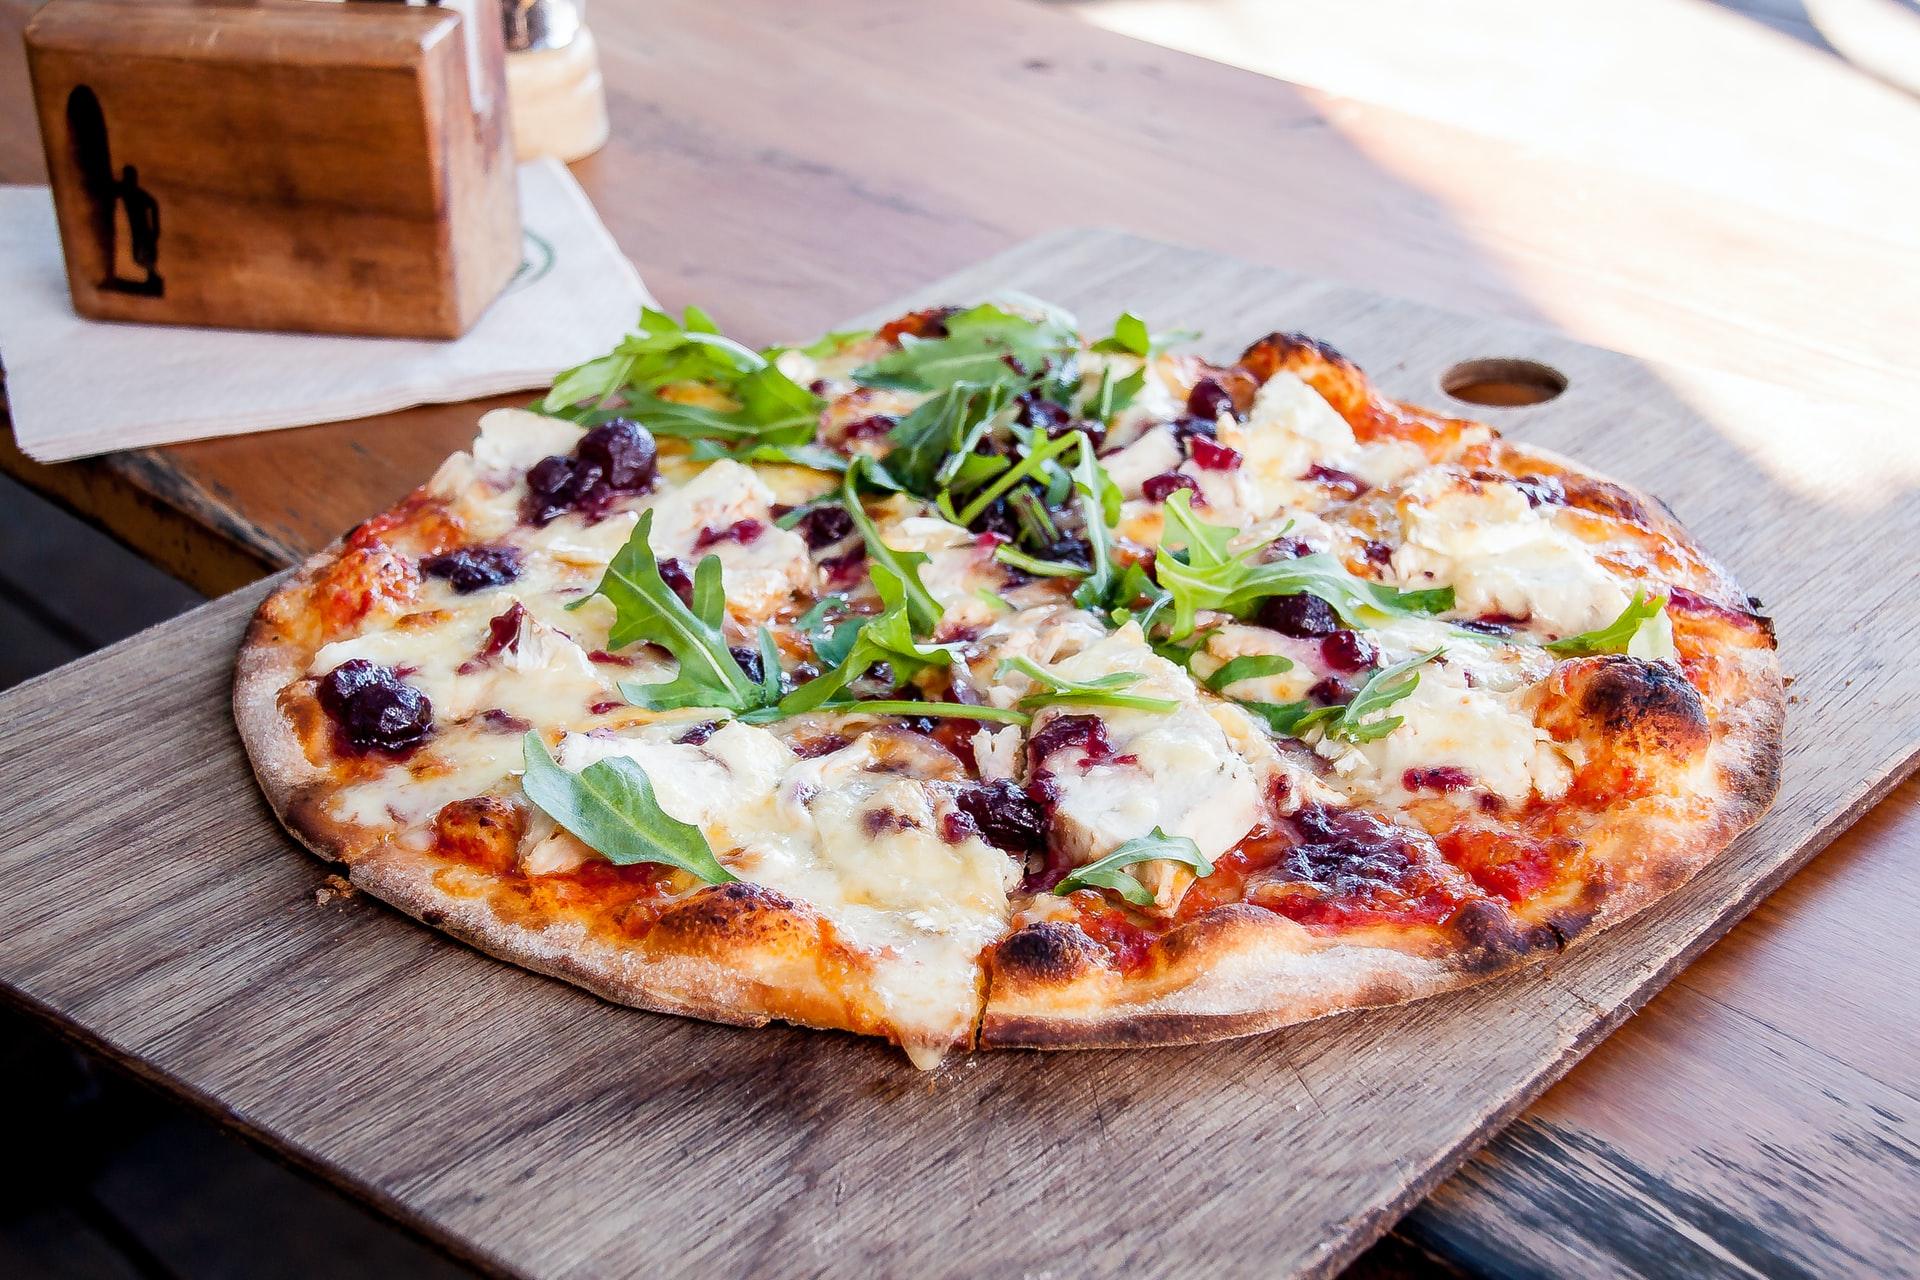 Les 6 meilleurs conseils pour réussir une pizza